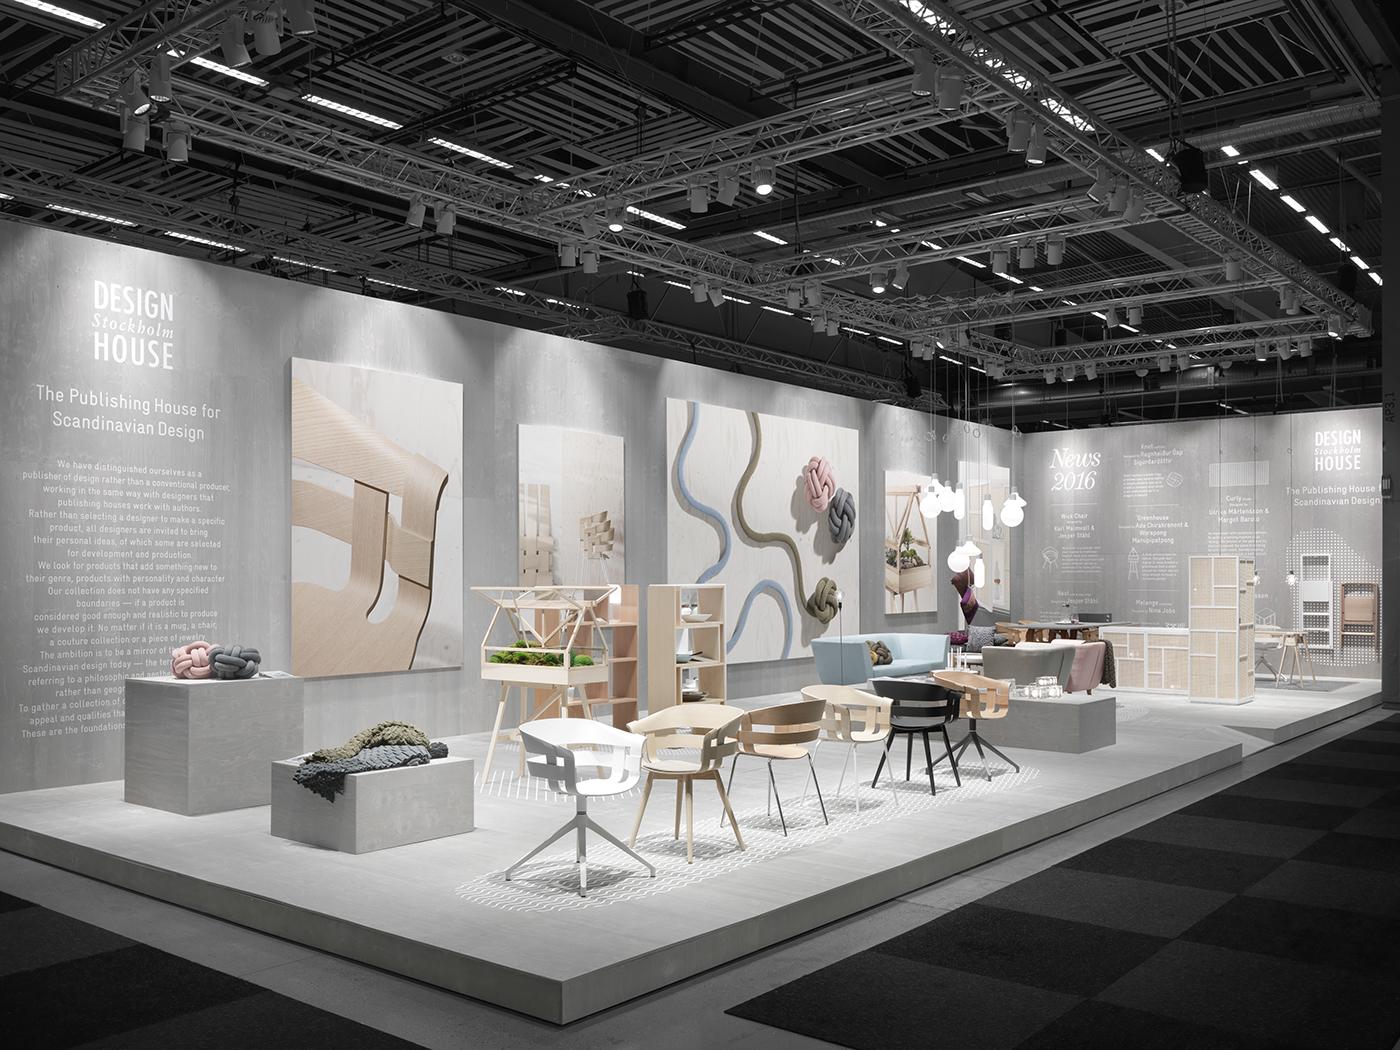 design house stockholm stockholm furniture fair 2016 on. Black Bedroom Furniture Sets. Home Design Ideas